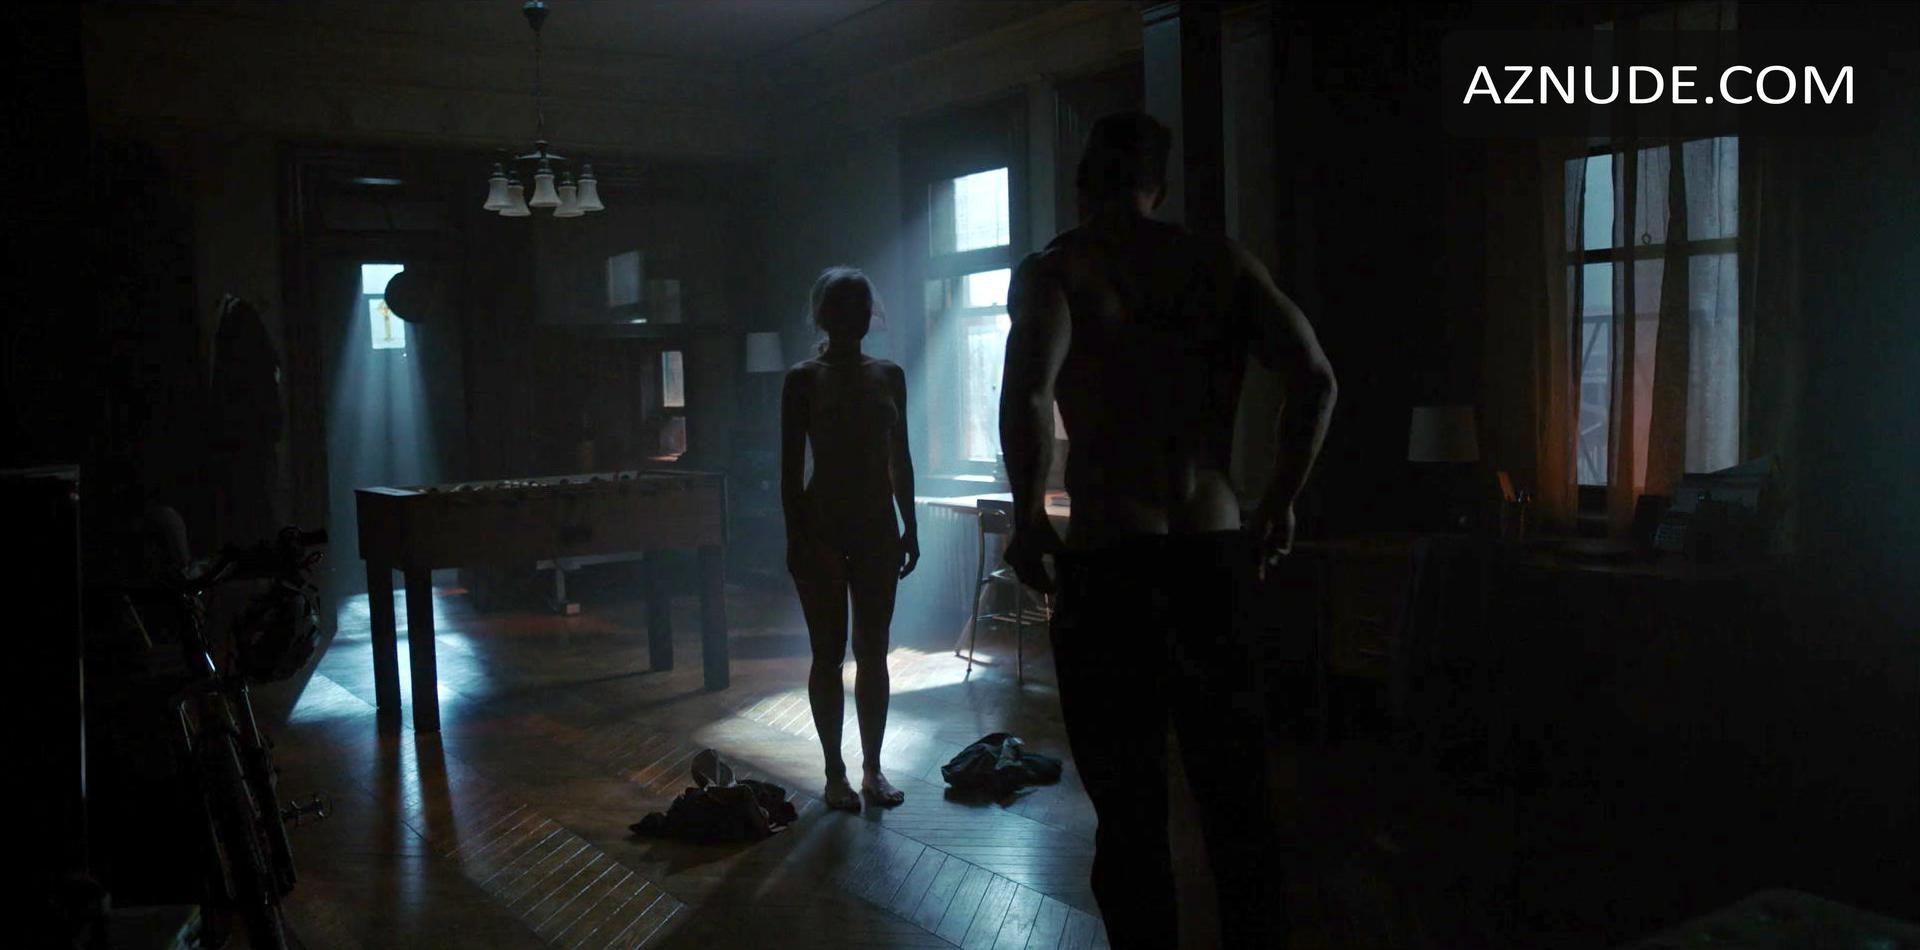 Sexy April Bowlby Nude Scene Scenes